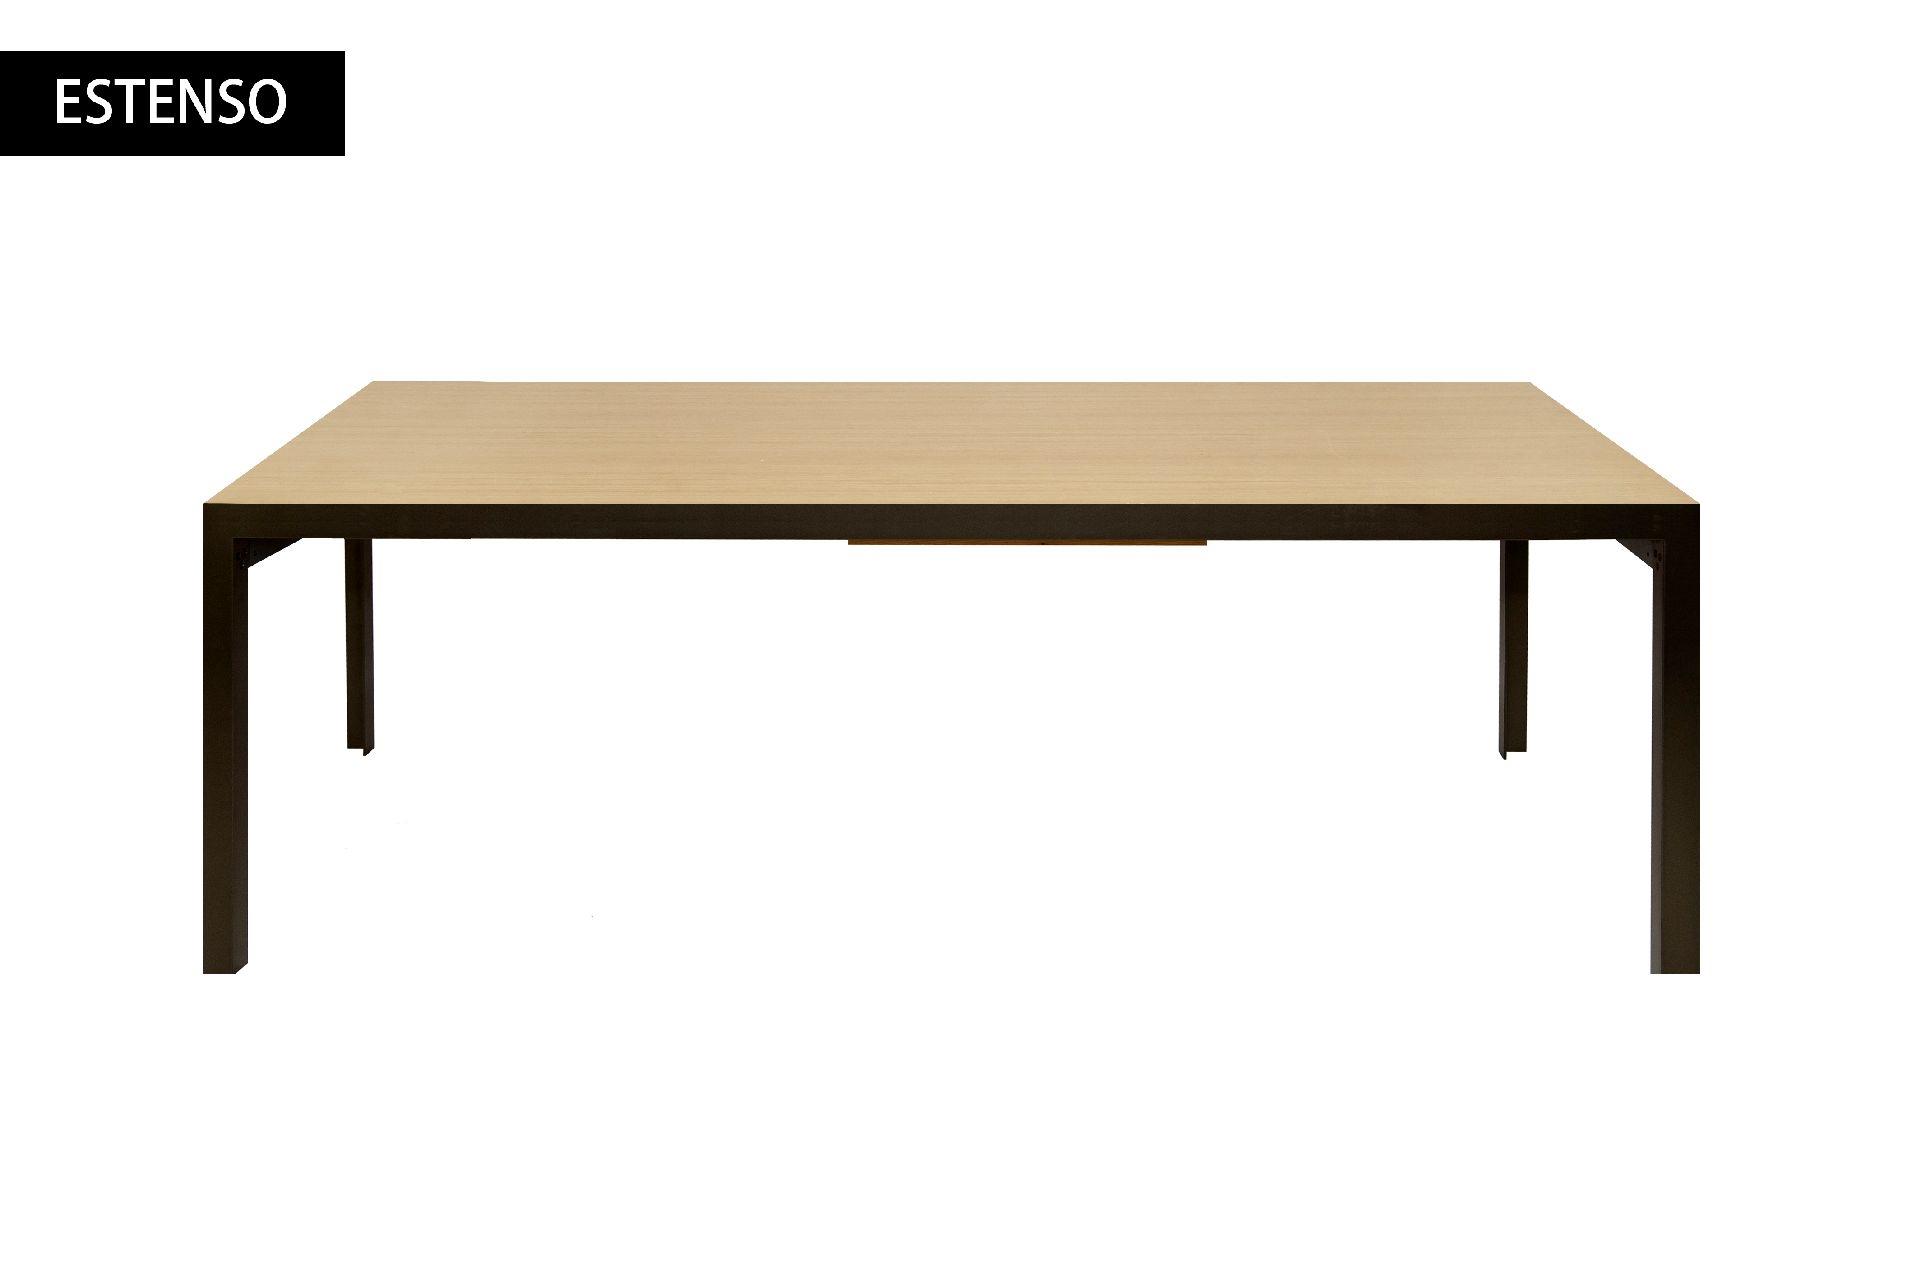 Zanotta tavolo estenso in acciaio grafite e legno in for Tavoli in legno e acciaio